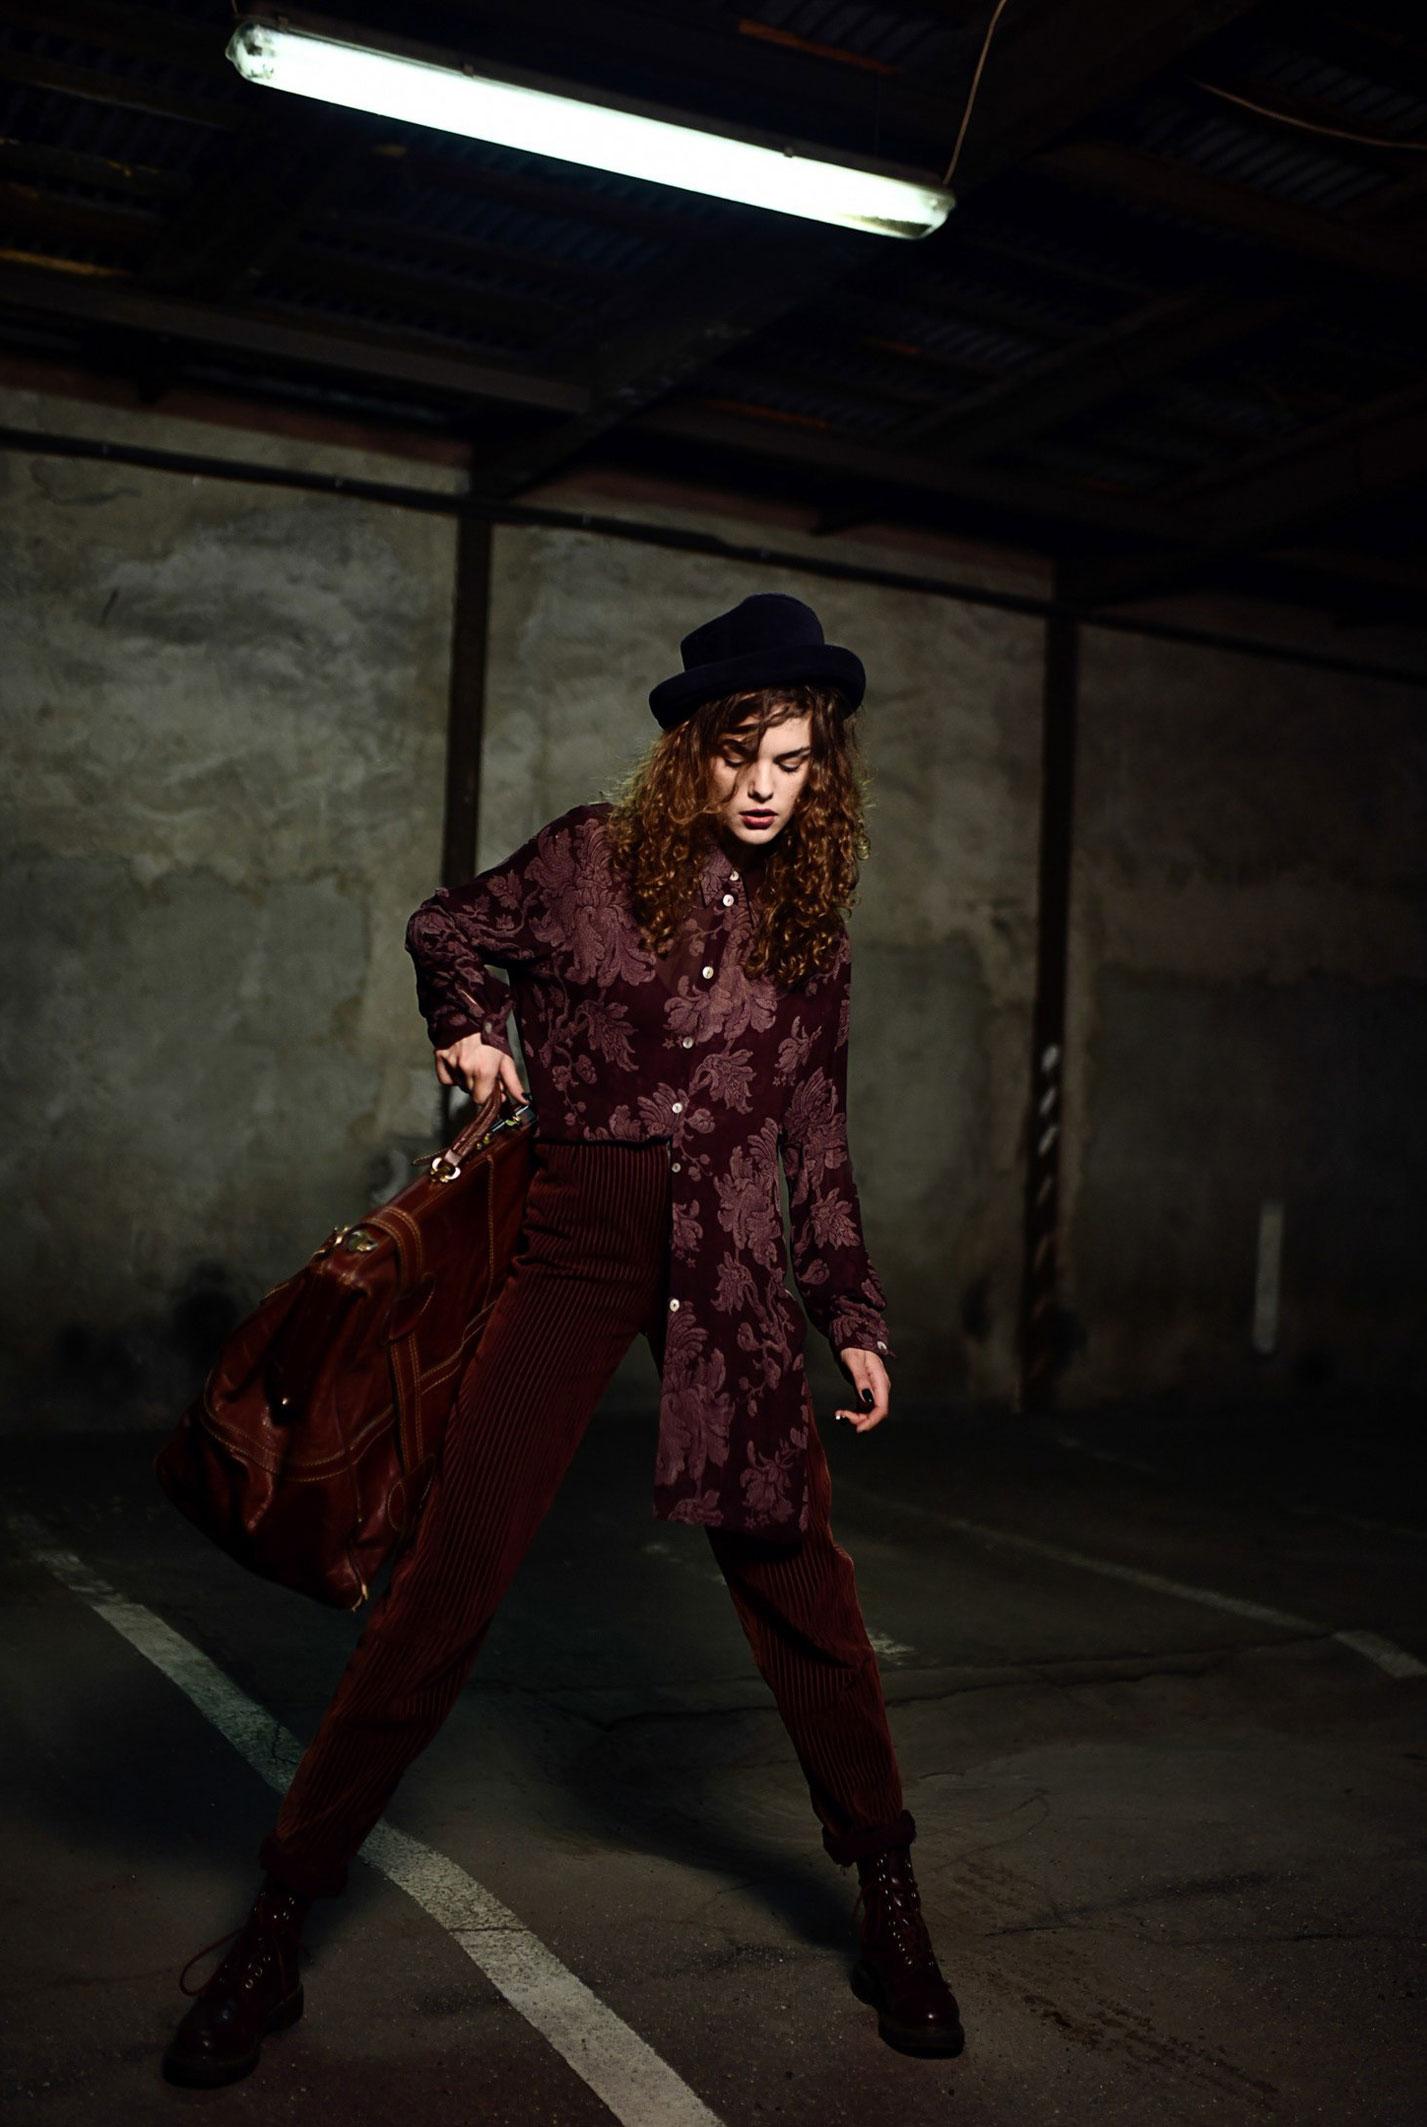 Модный показ в исполнении Юлии Кондрашовой / фото 02